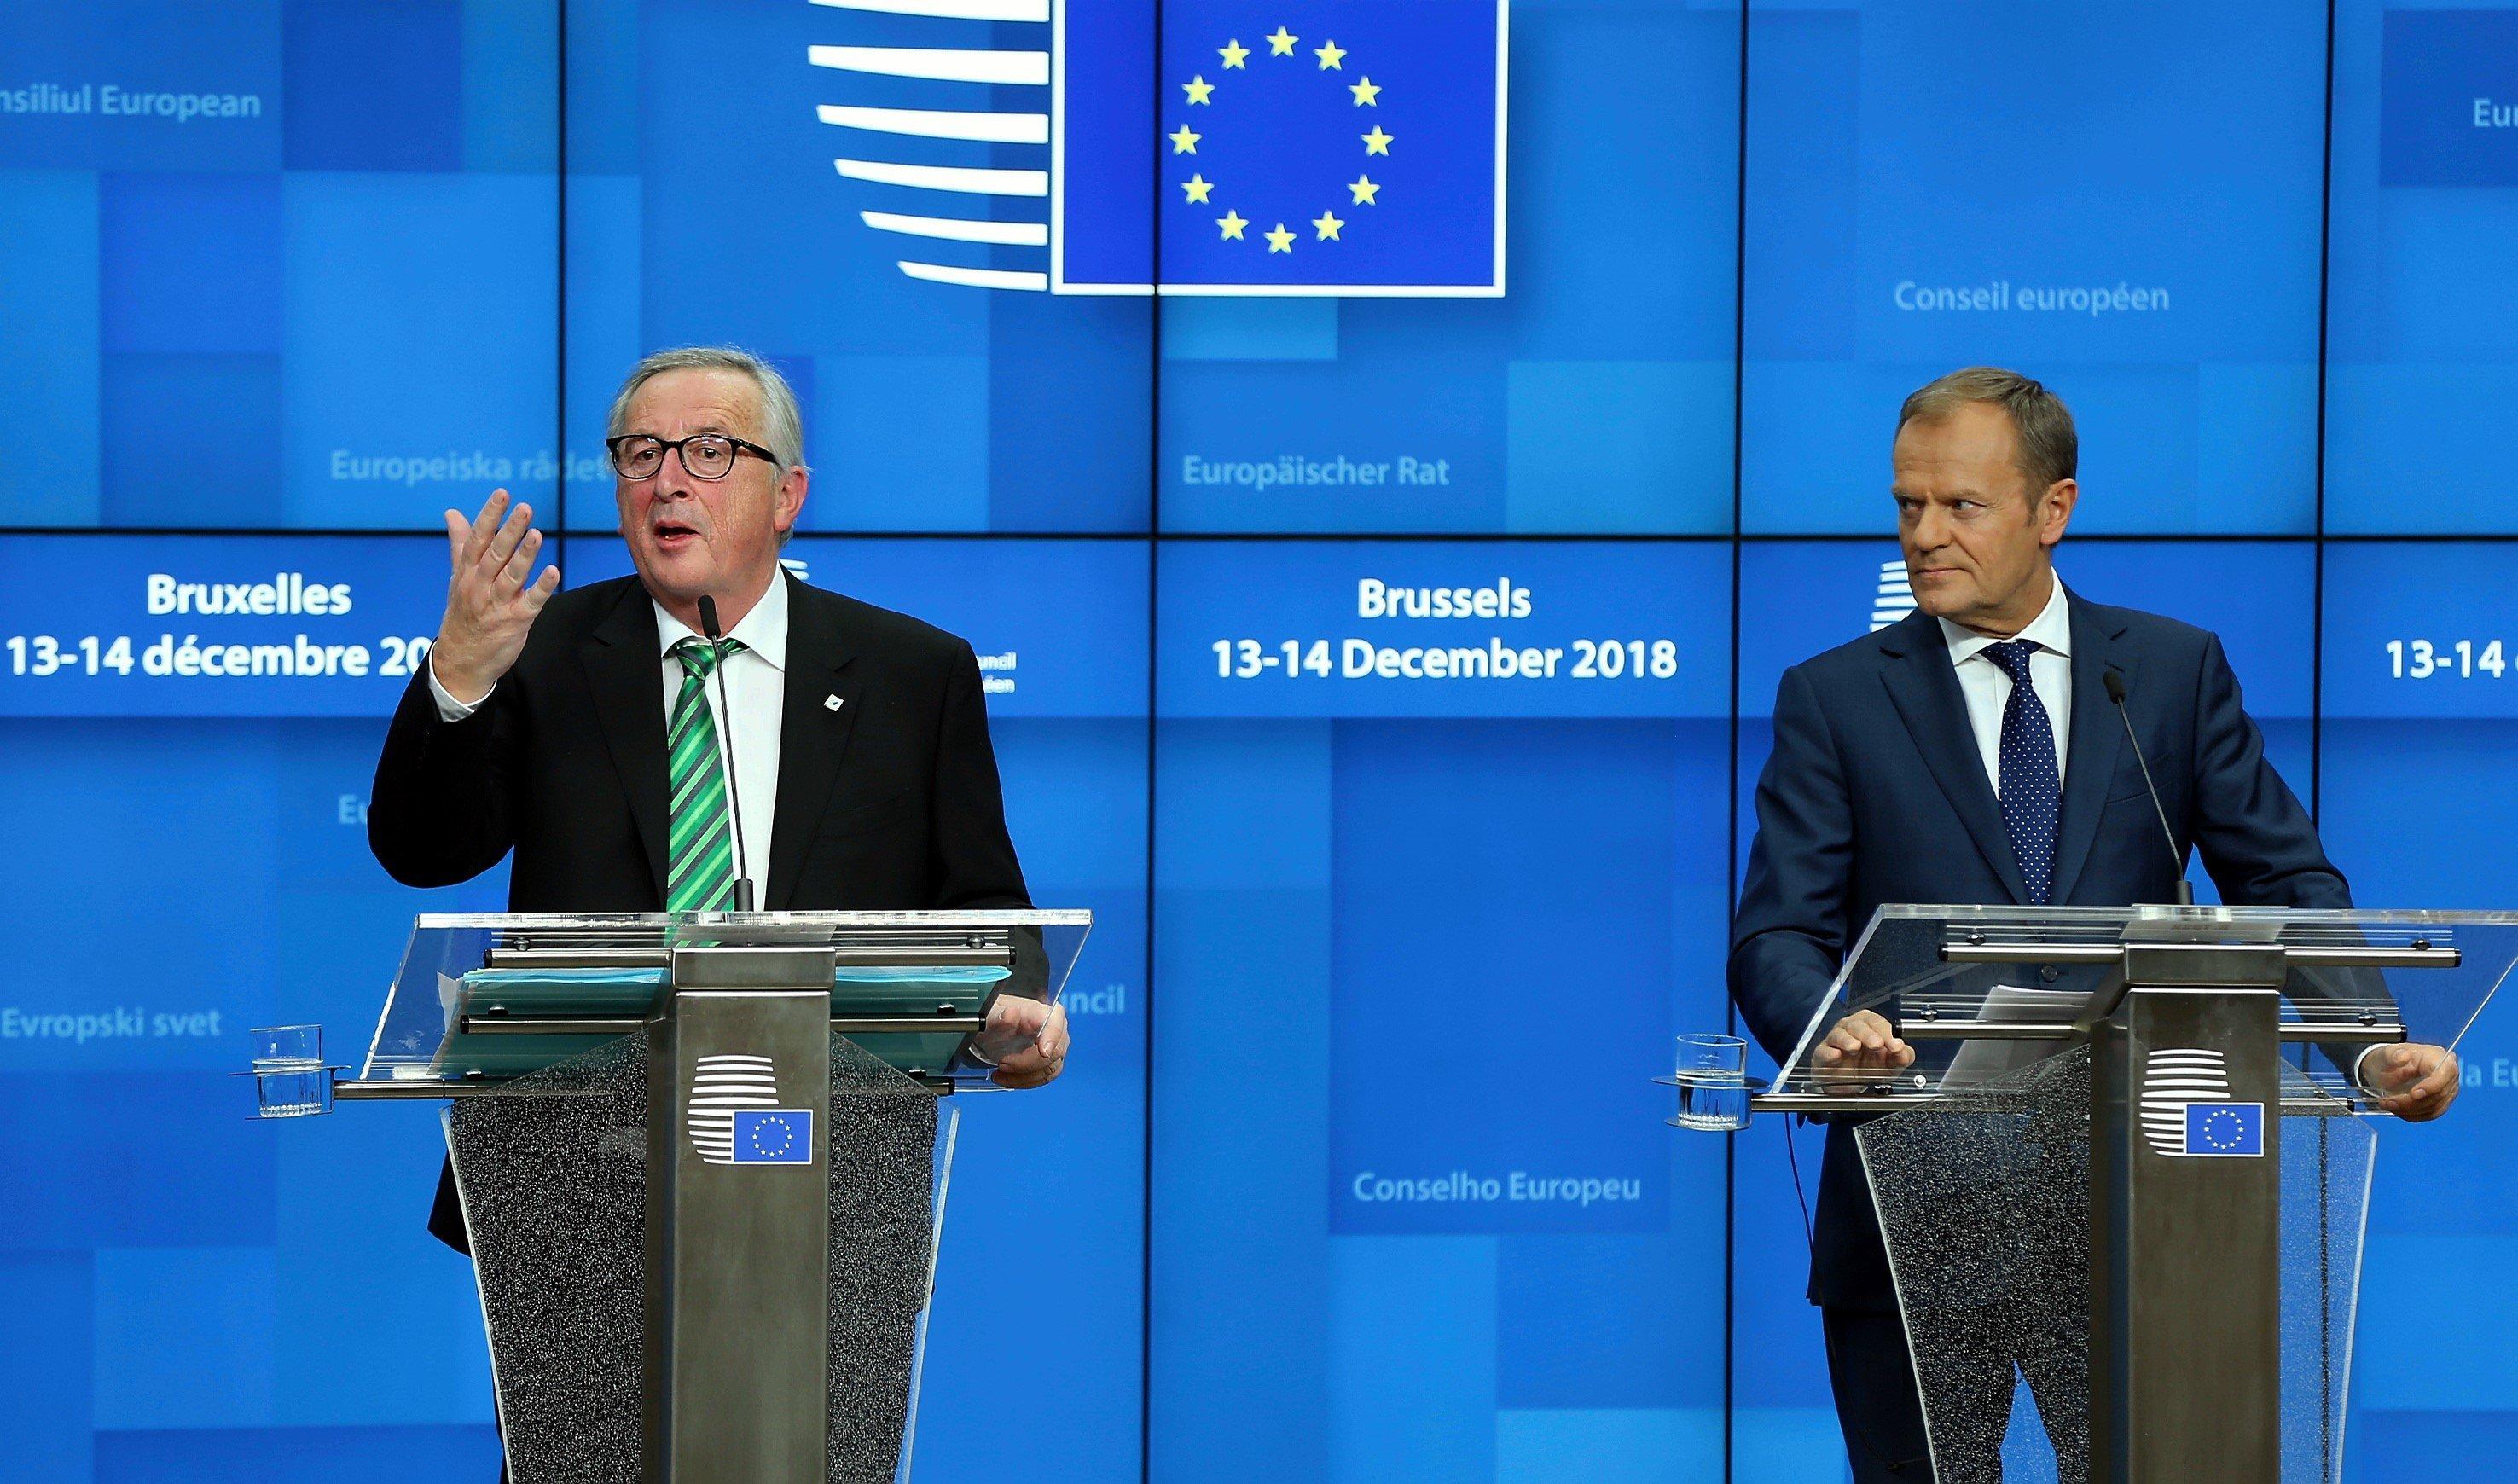 Brexit: Juncker sendet mit Krawatte Botschaft an May – Luxemburgs Premier wird